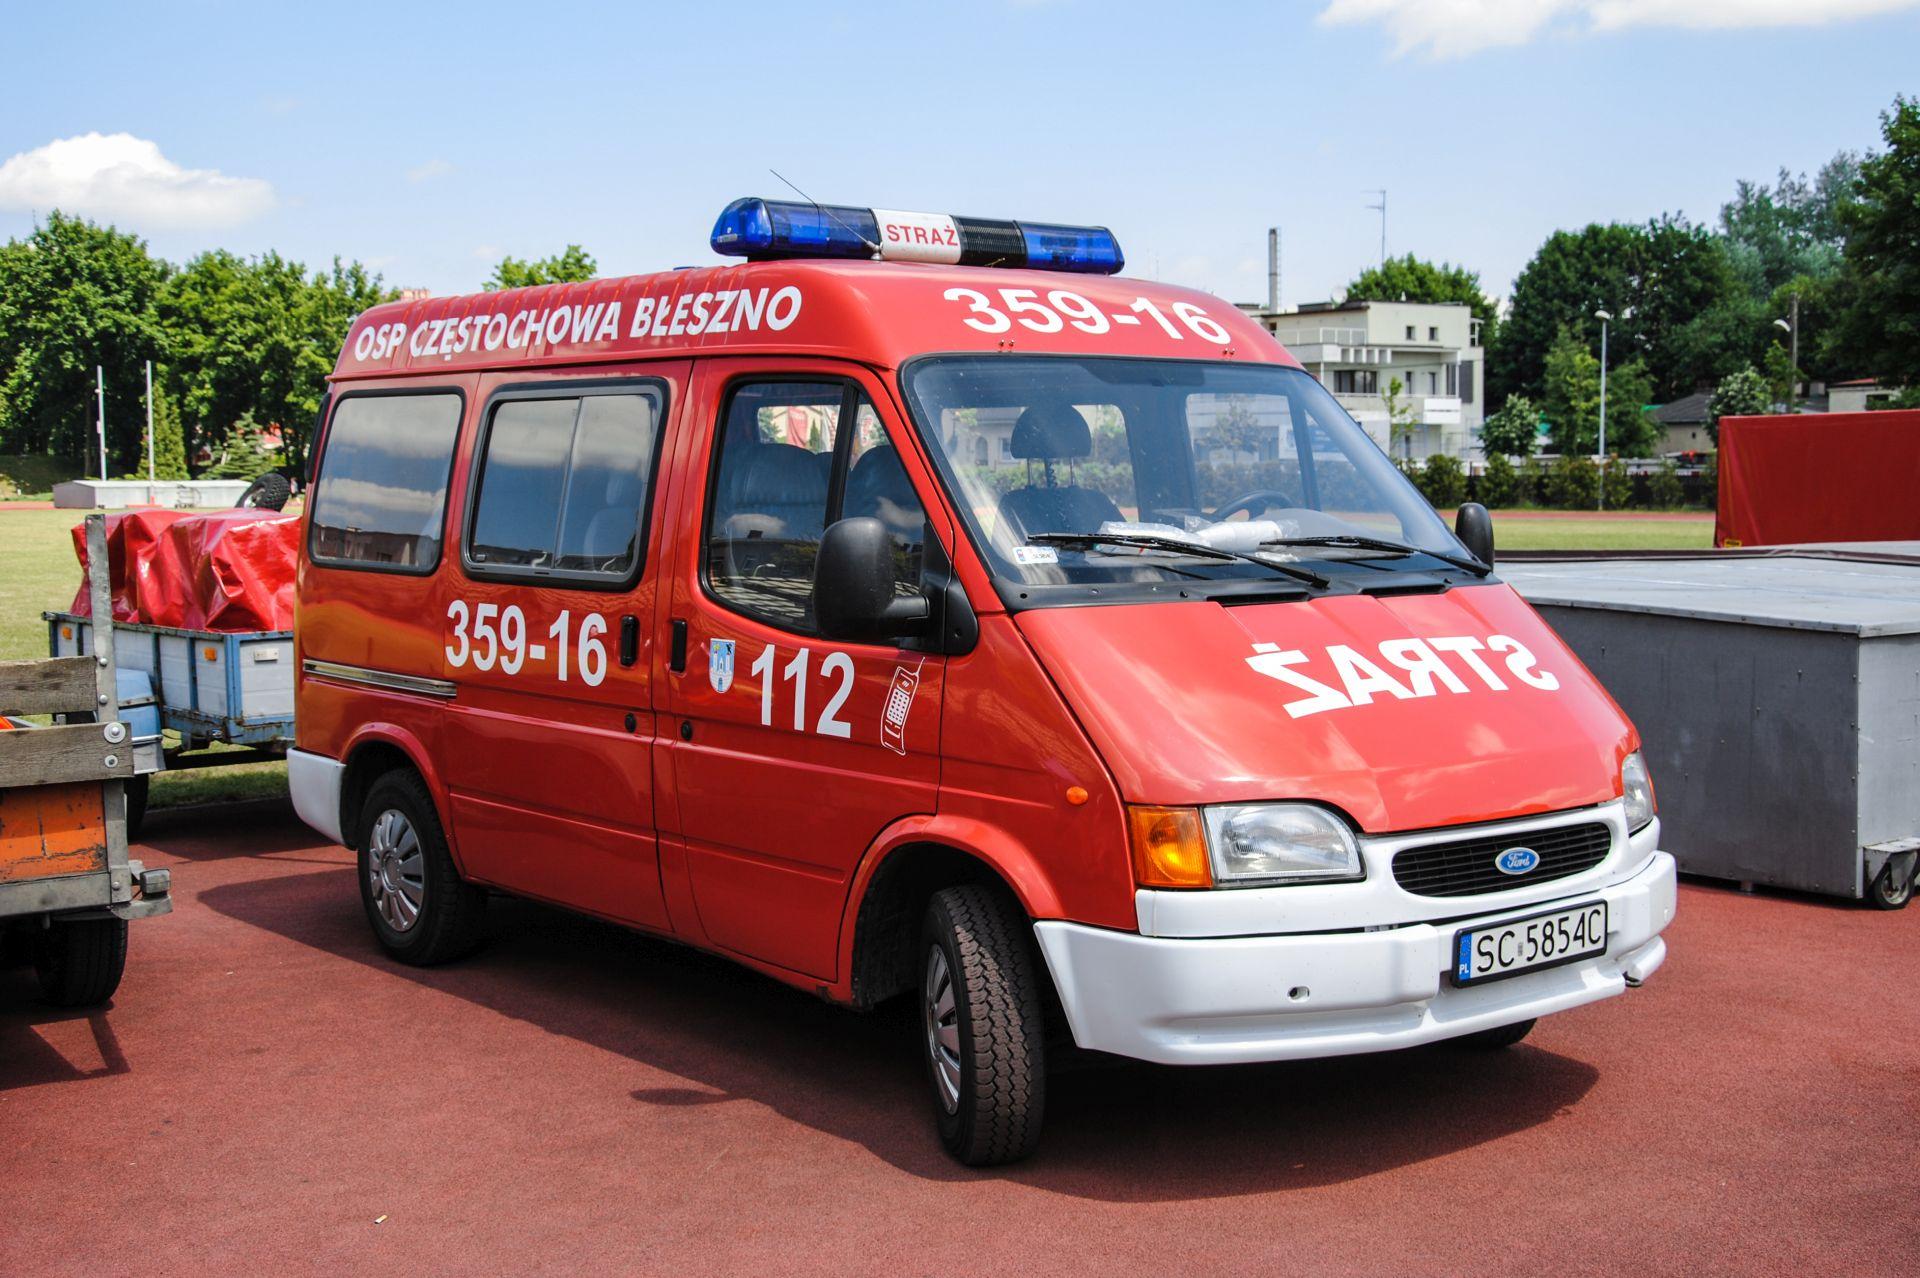 359[S]16 SLKw Ford Transit